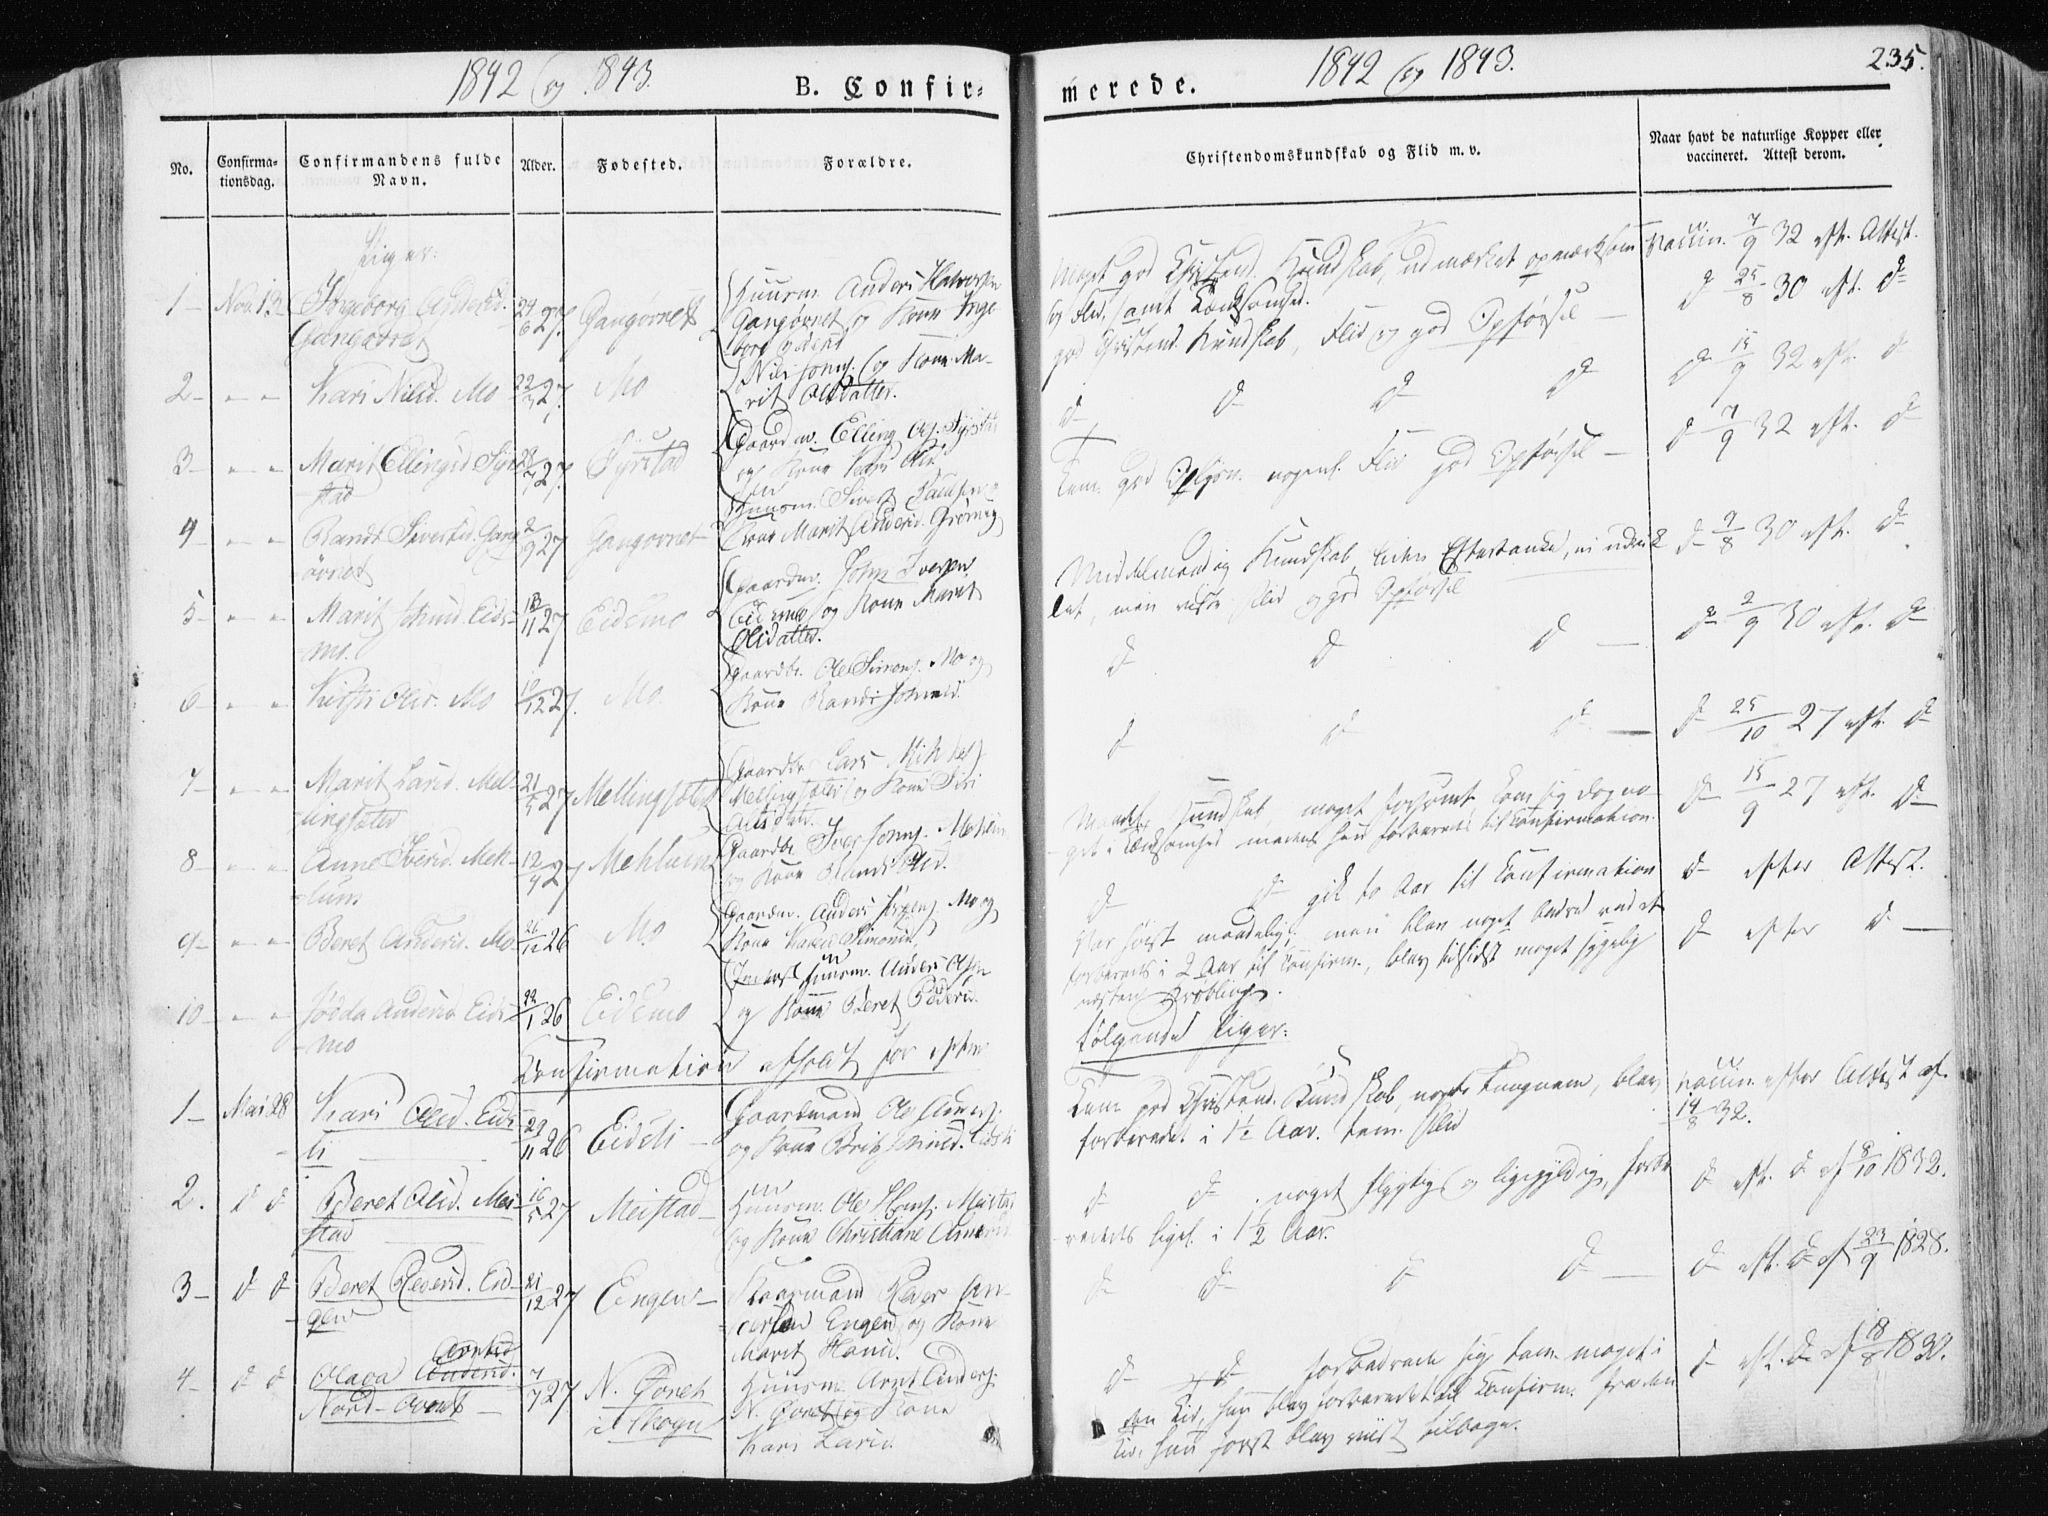 SAT, Ministerialprotokoller, klokkerbøker og fødselsregistre - Sør-Trøndelag, 665/L0771: Ministerialbok nr. 665A06, 1830-1856, s. 235